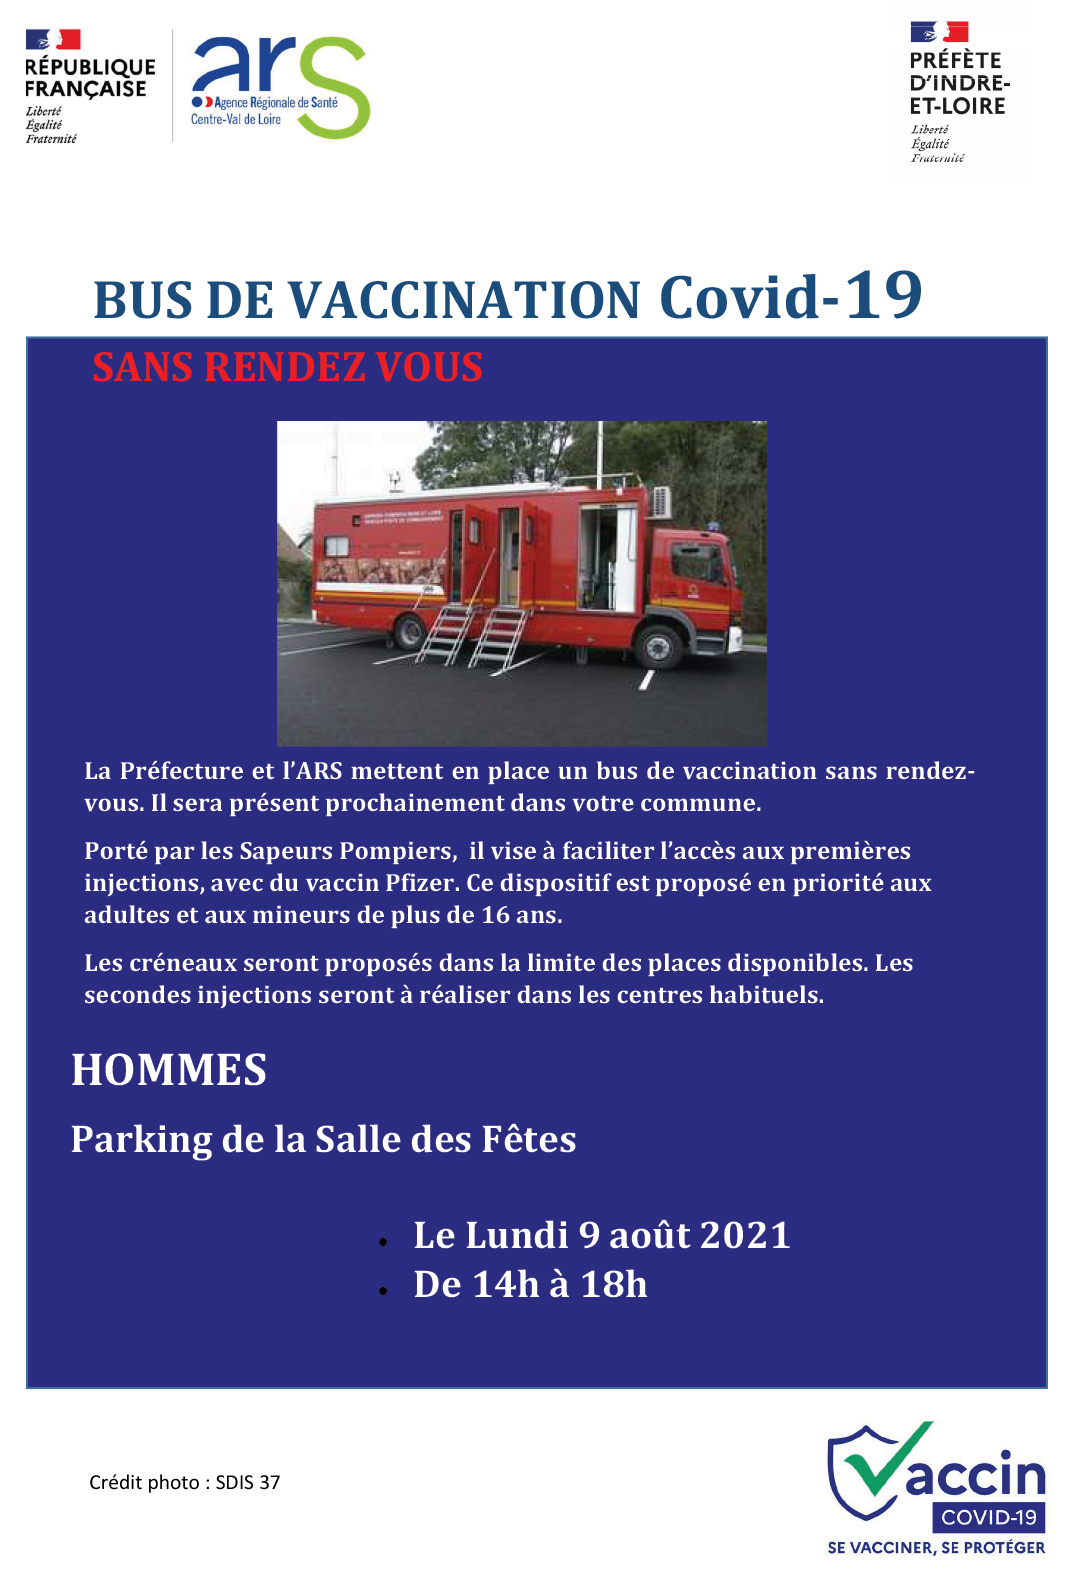 Vaccibus 37.jpg